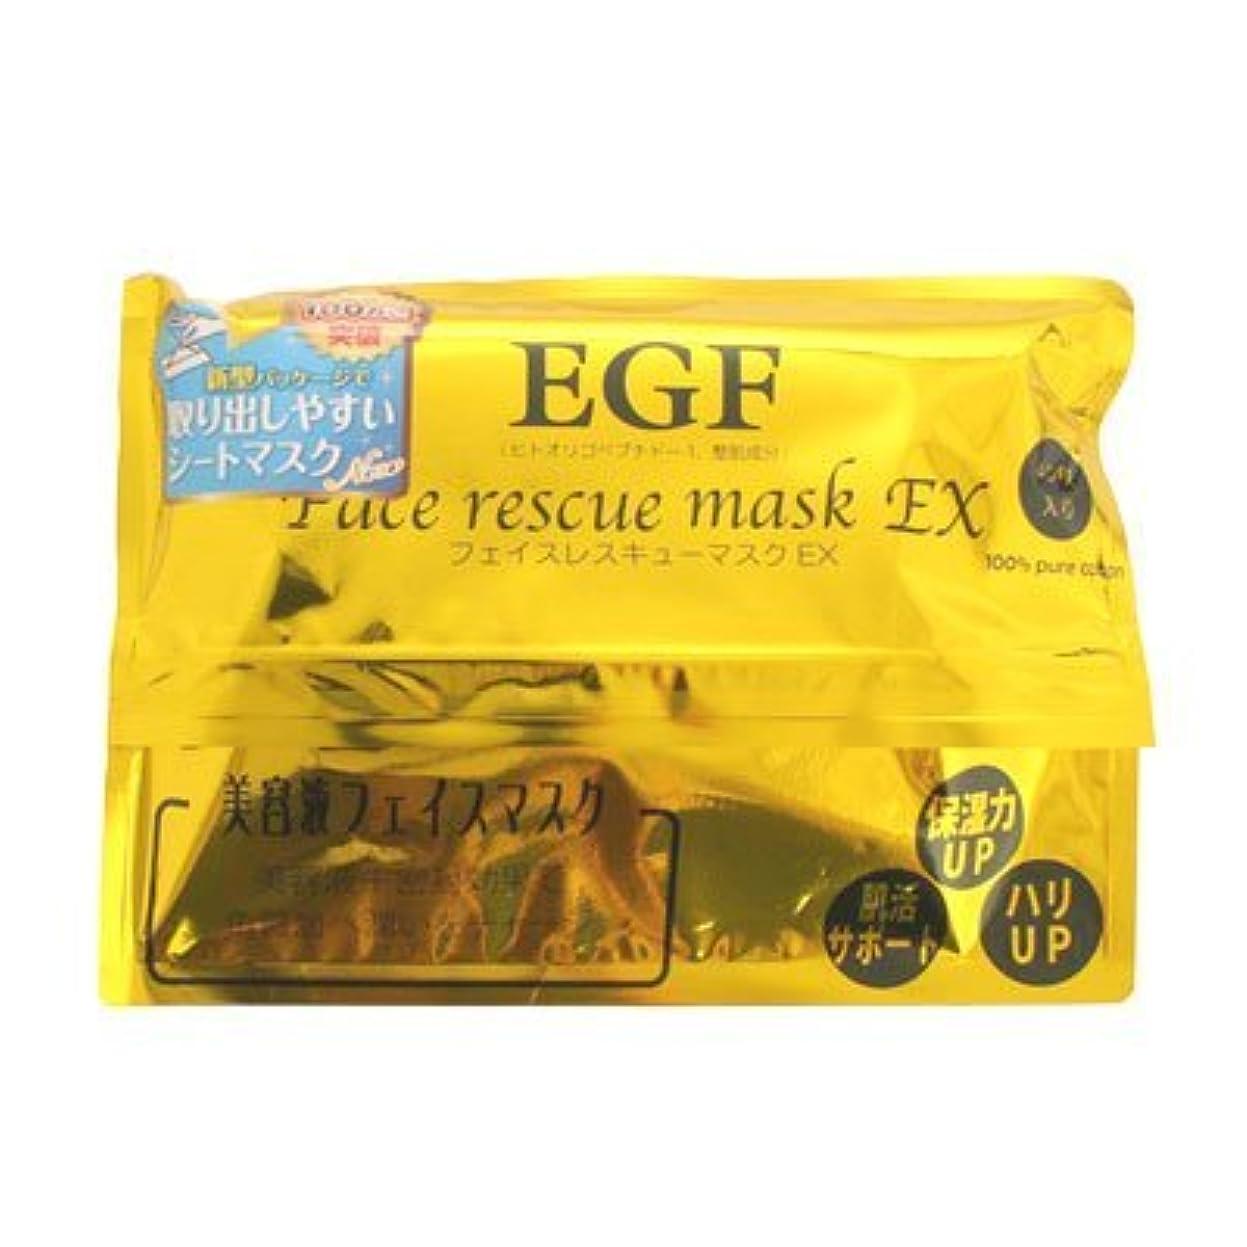 プレート競争力のある辞任EGF フェイス レスキュー マスク EX (40枚入り)